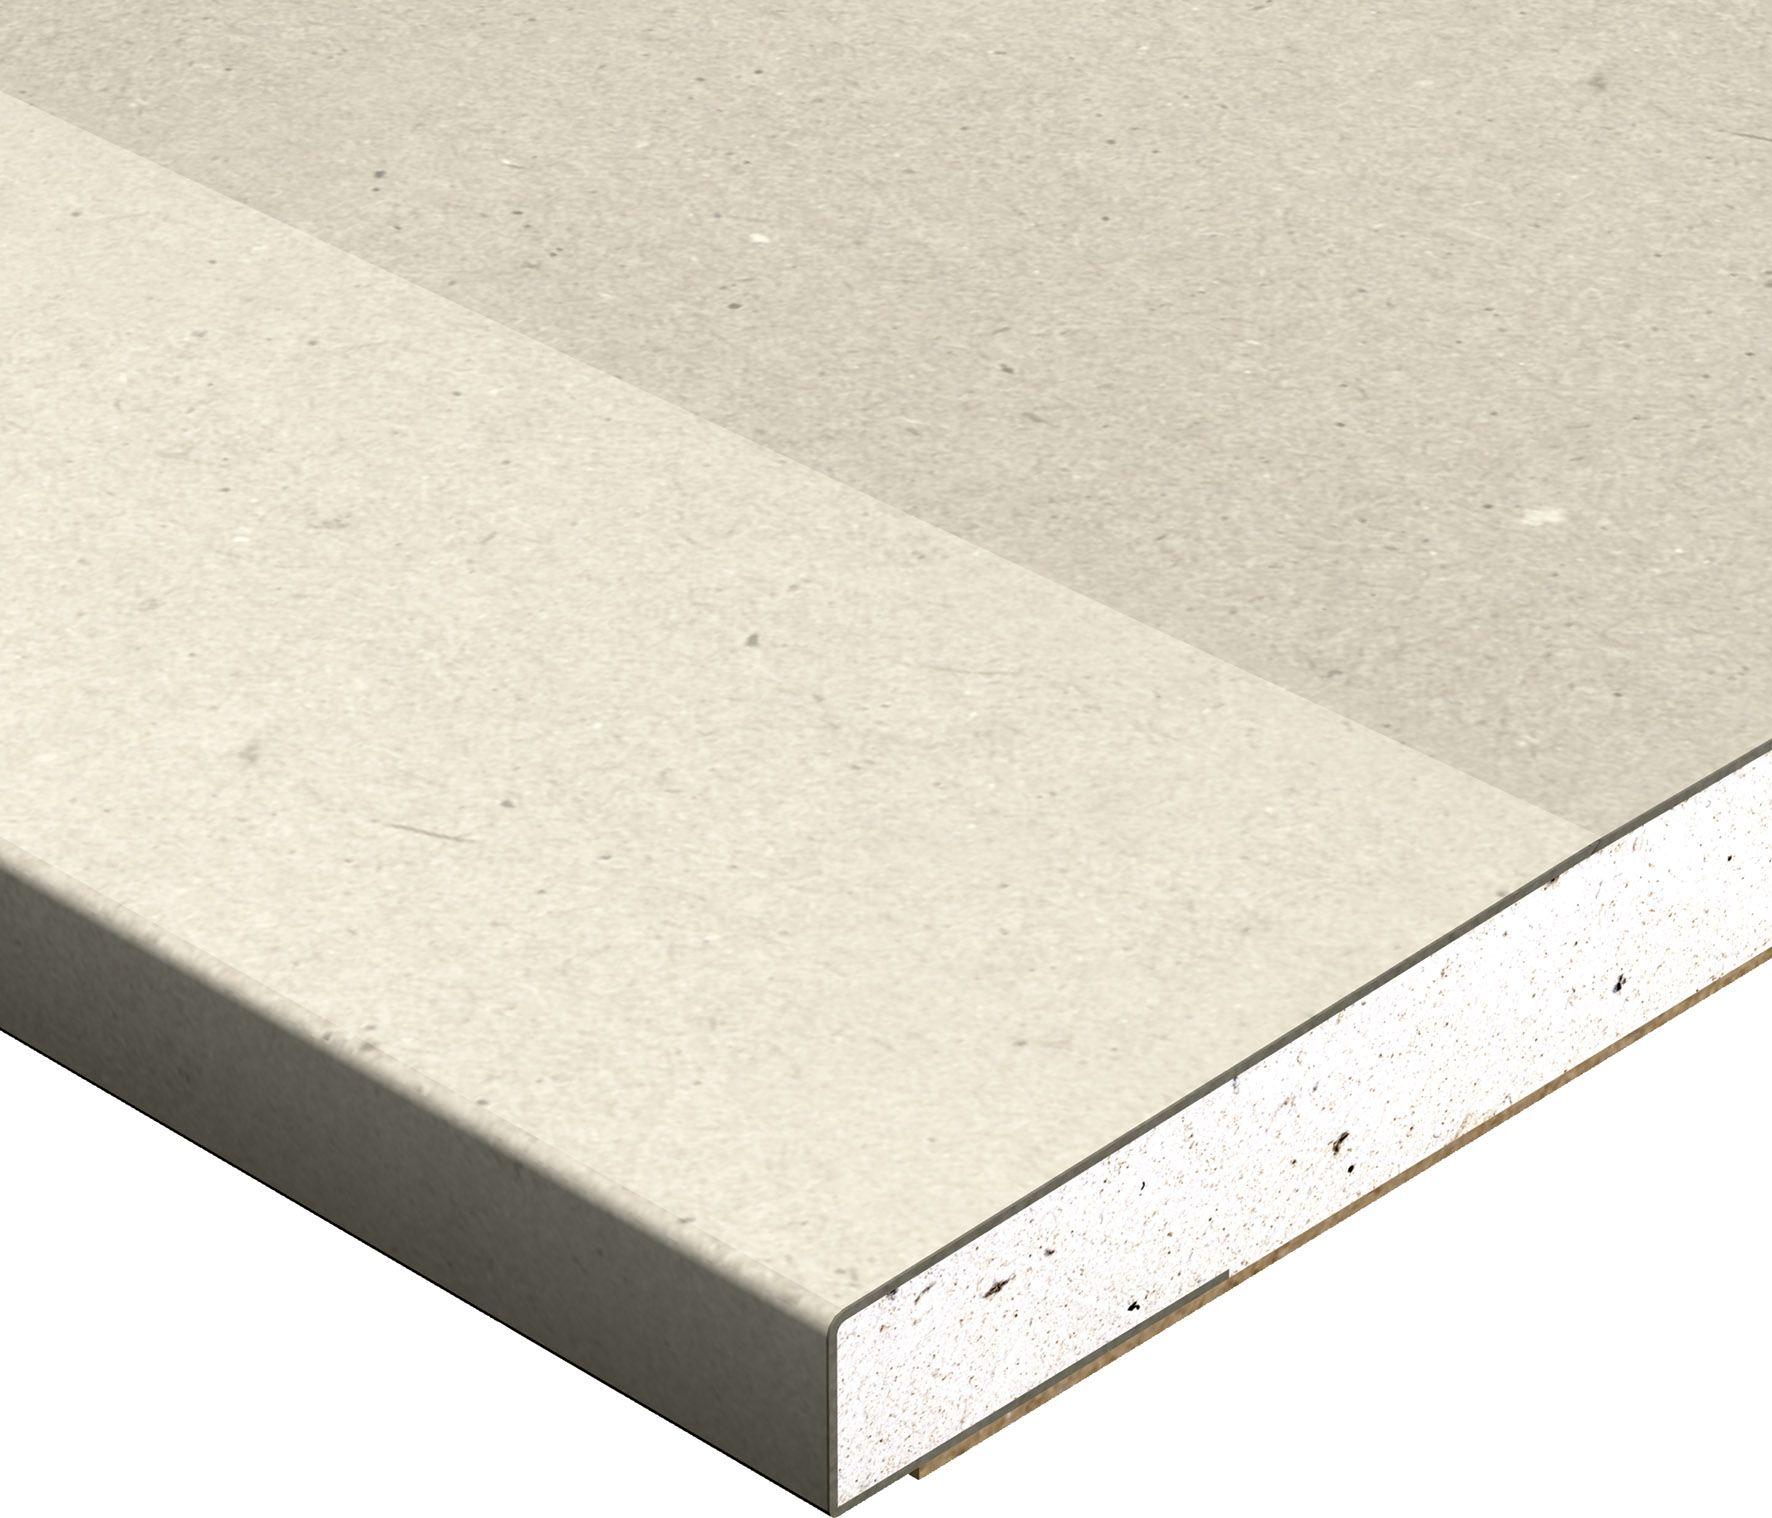 Standardkipsplaat GN13 12,5 x 1200 x 3000 mm